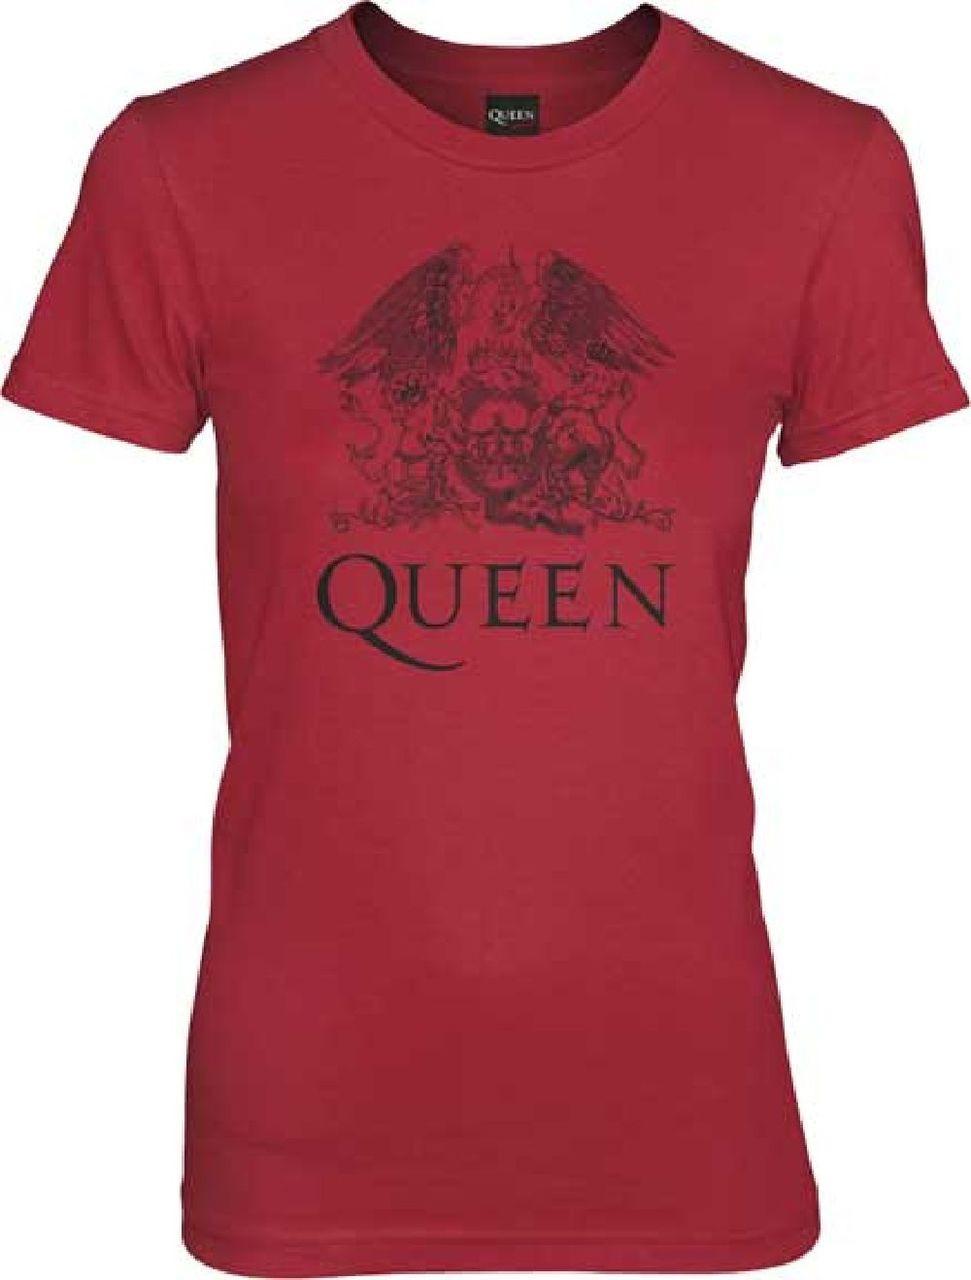 Queen T,shirt , Queen Rock Band Crest Logo